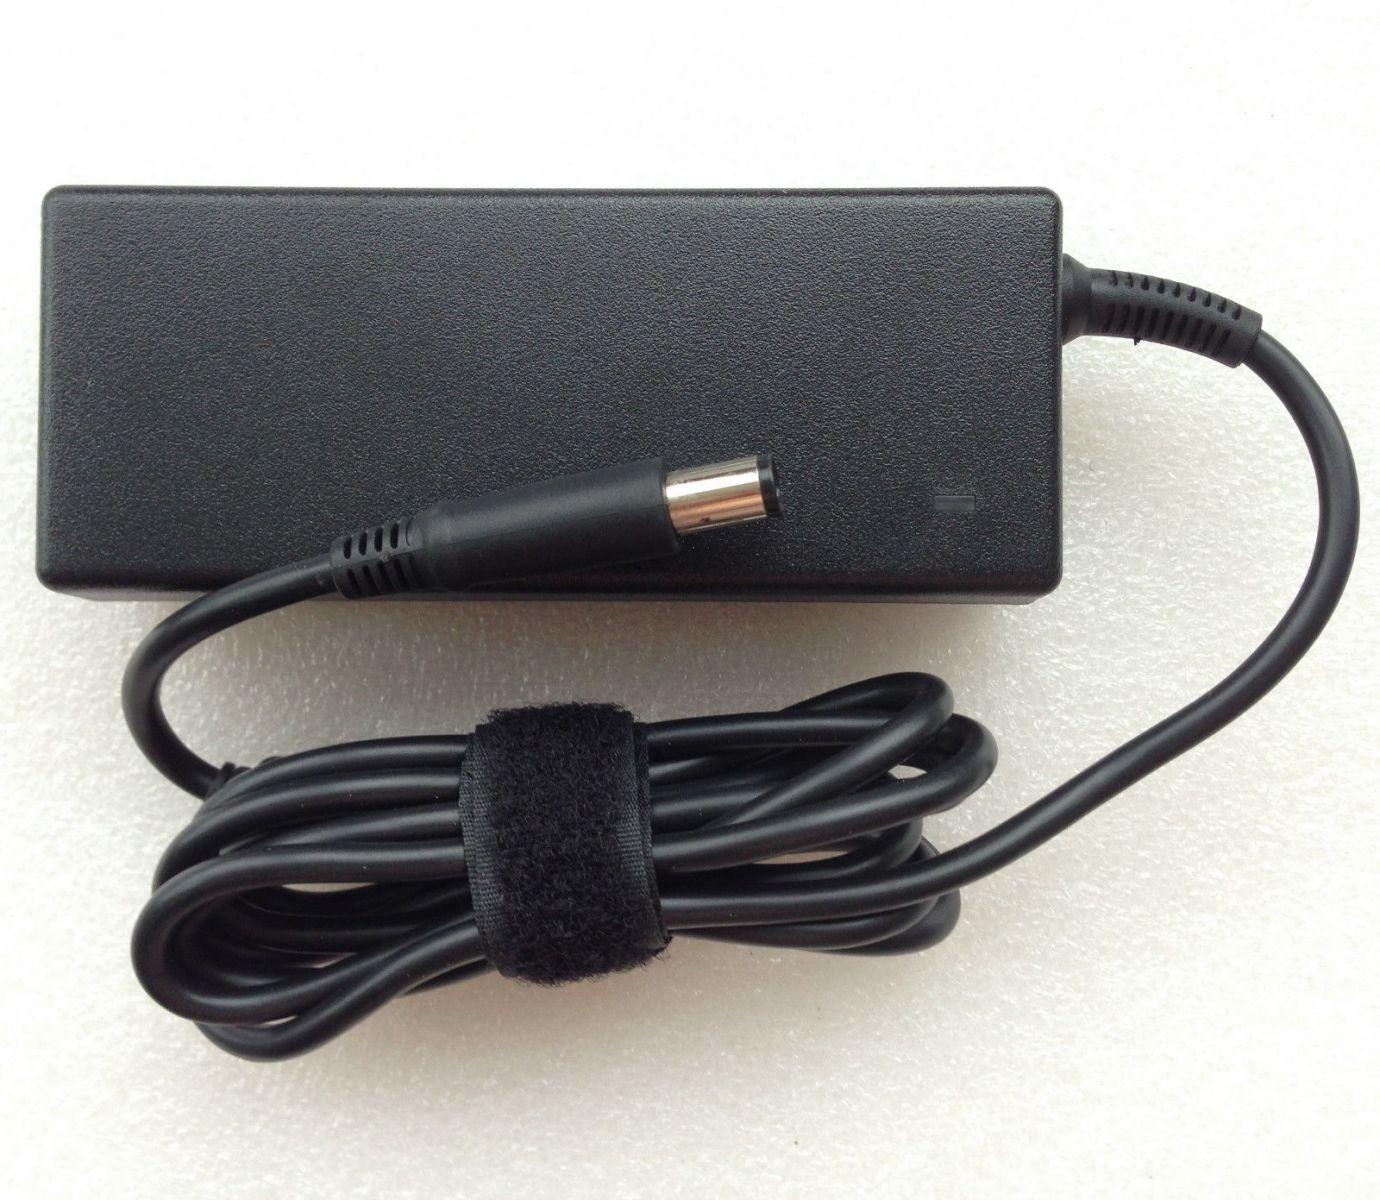 Sạc dành cho Laptop Dell Inspiron N4030 Adapter 19.5V-3.34A, 19.5V-4.62A